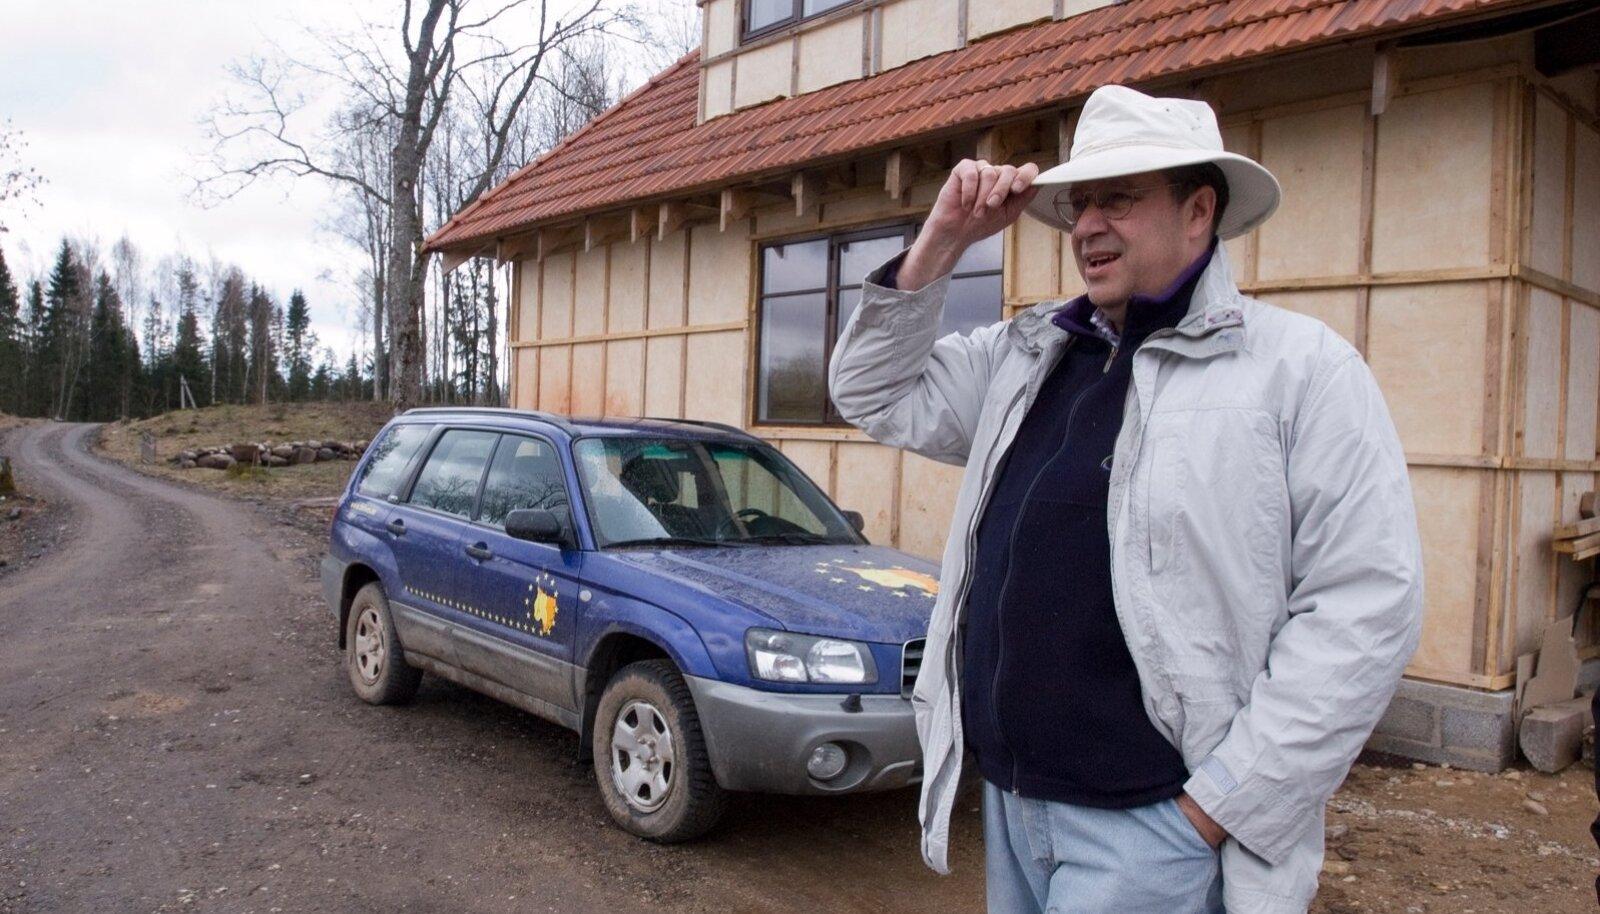 Toomas Hendrik Ilves presidendikandidaadina Ärma talus.Pildistatud 10.04.2006